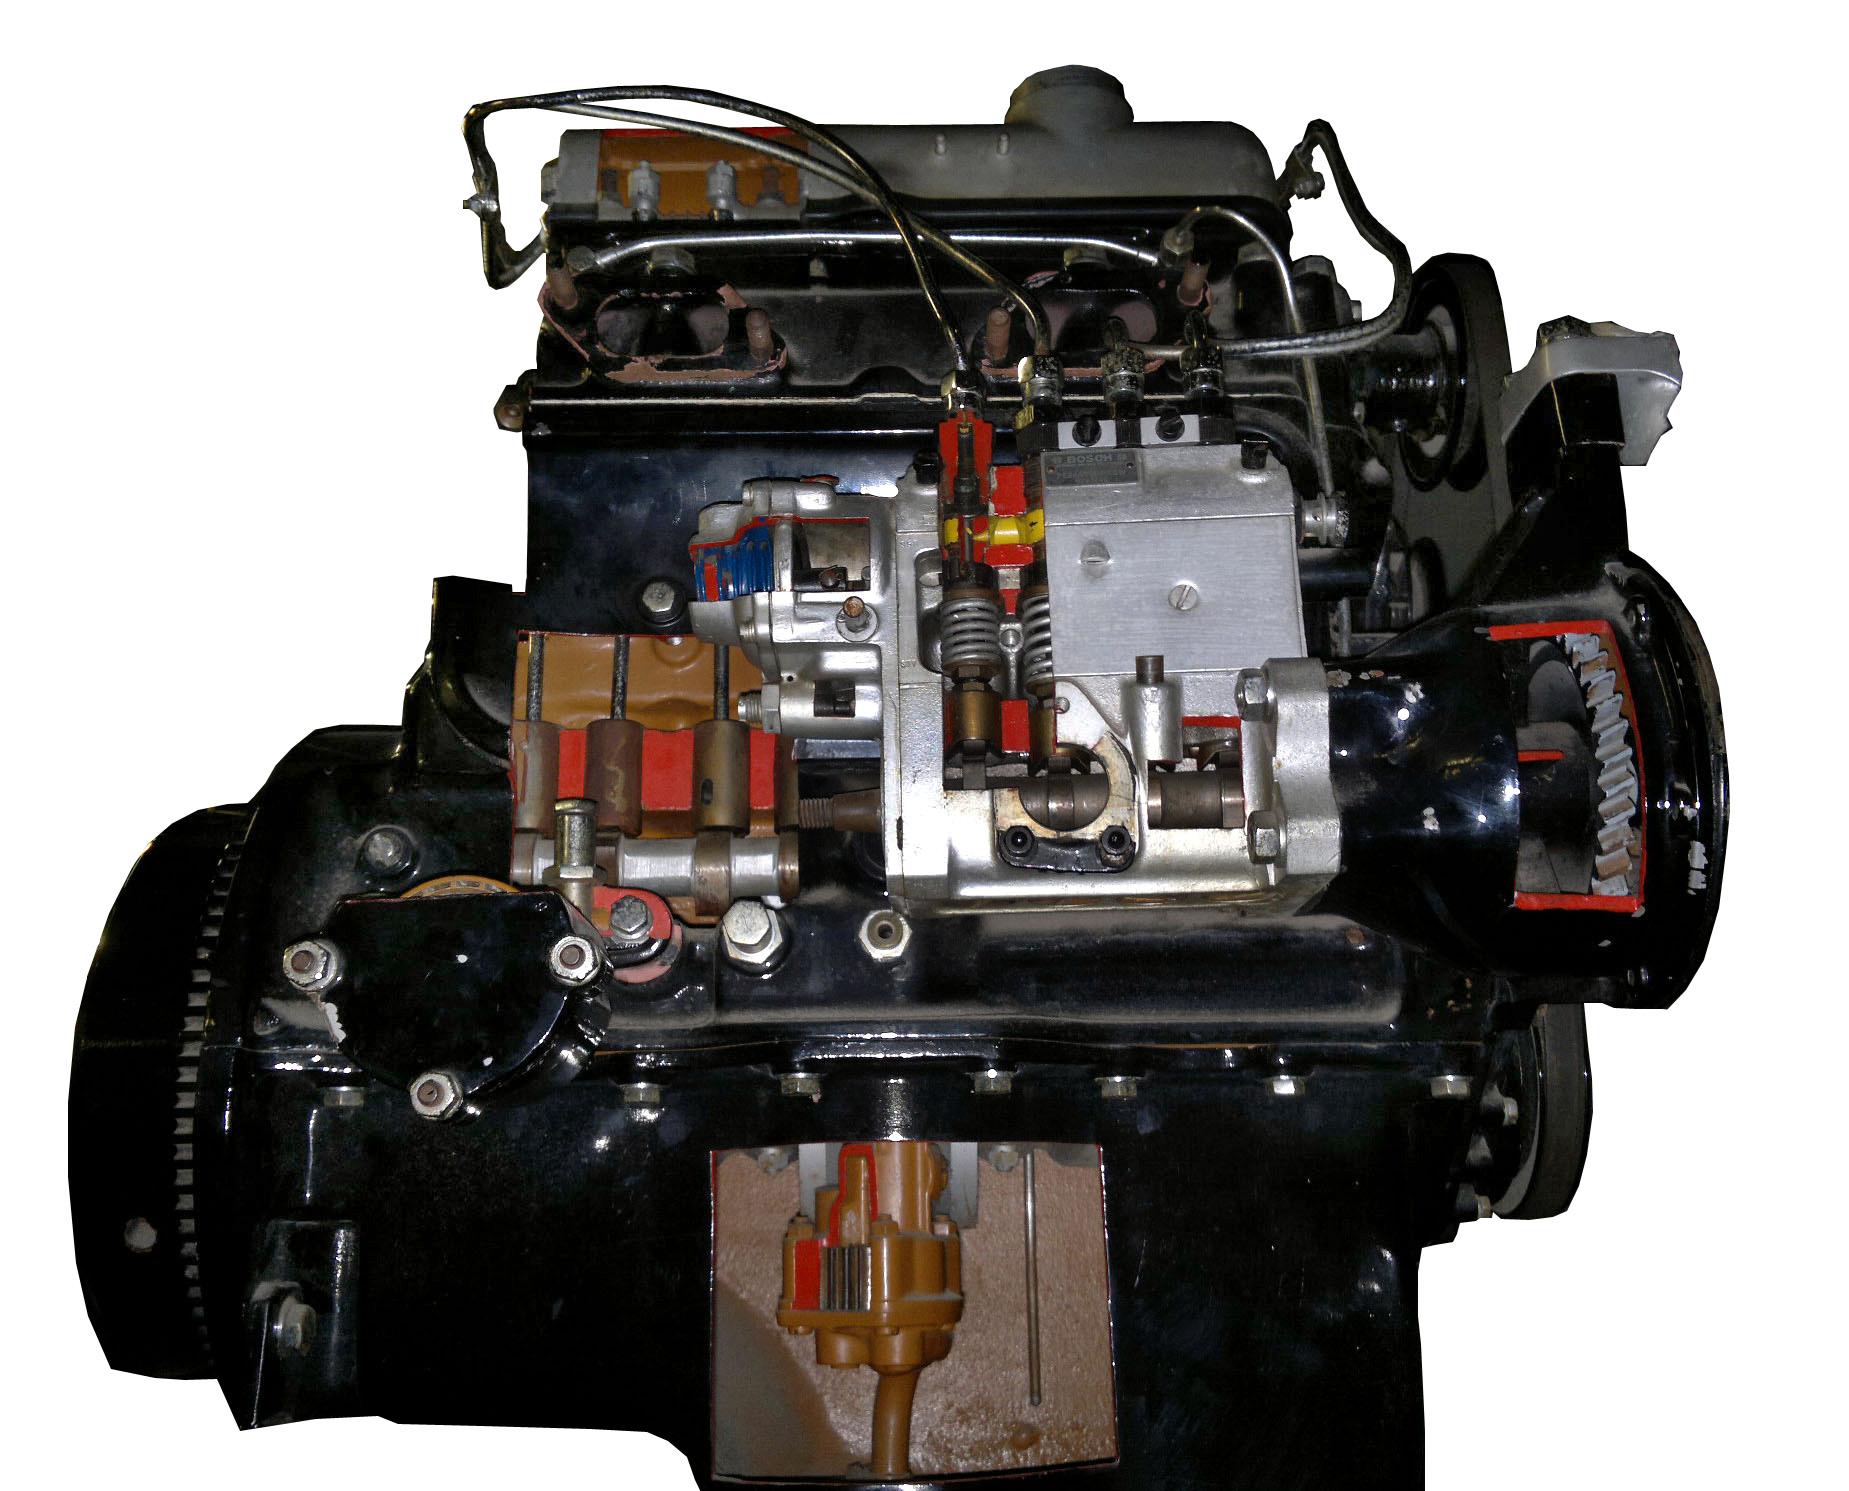 Blick auf das Schnittmodell eines MB 170 D mit dem Detail der Ölförderpumpe